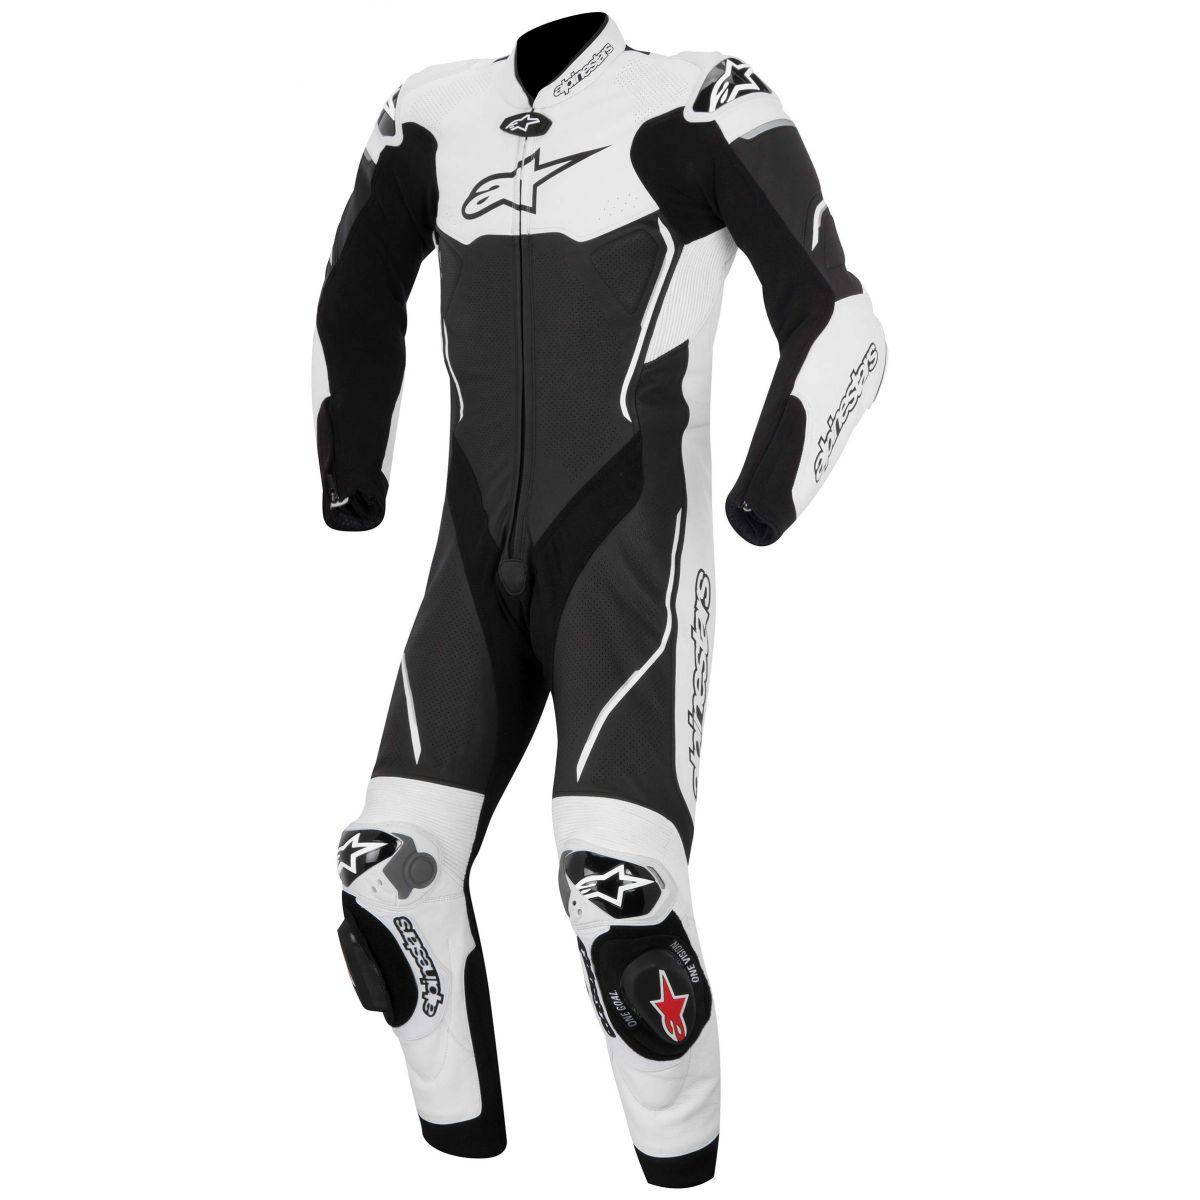 Macacão Alpinestars Atem 1 pçs (Black/White)  - Nova Suzuki Motos e Acessórios